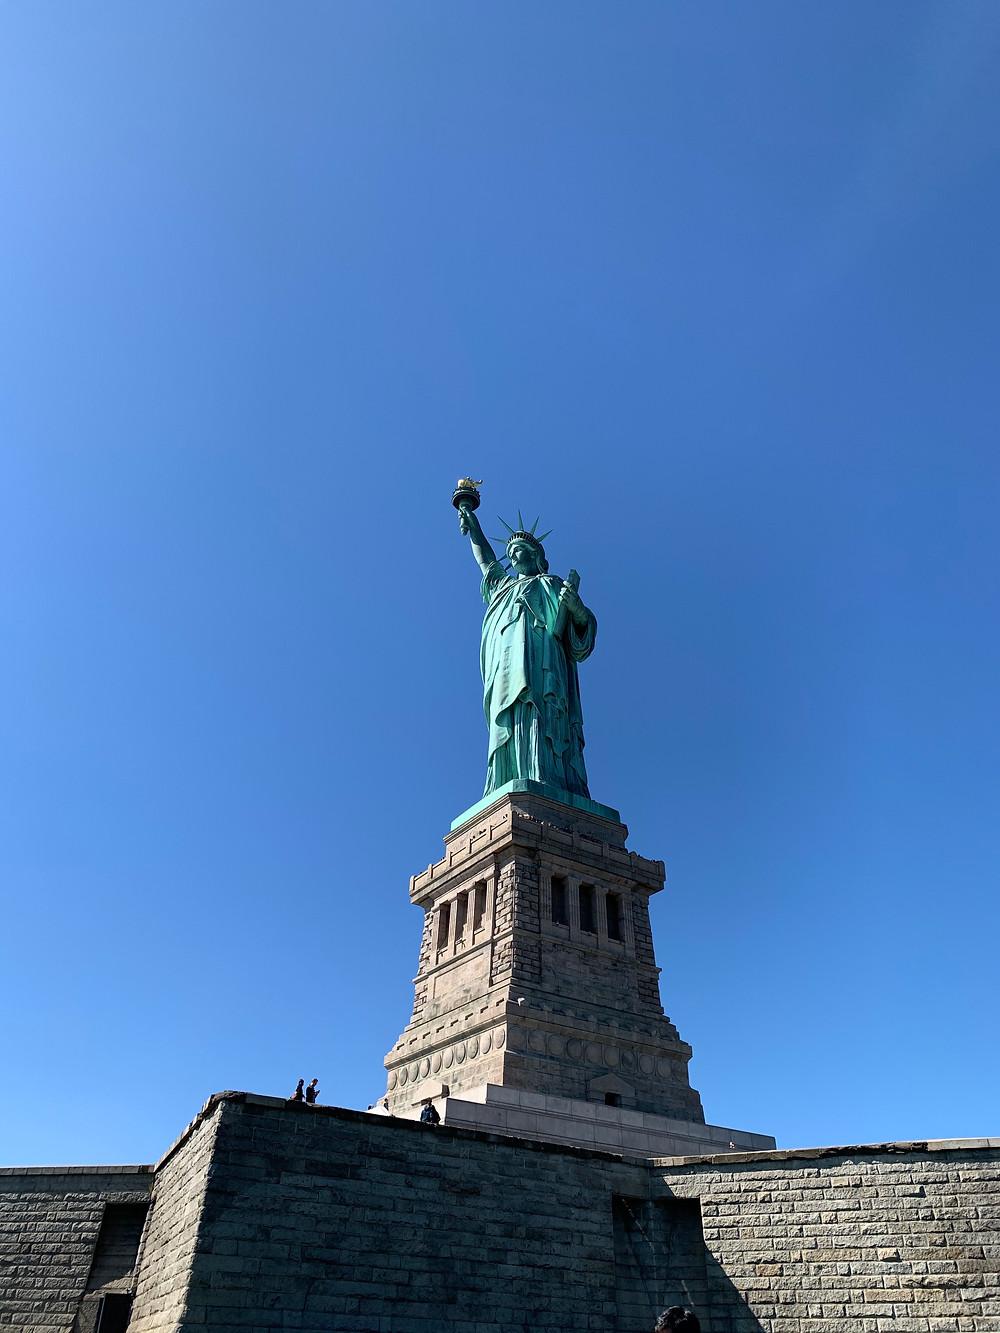 Visite de la statue de la liberté obligatoire...